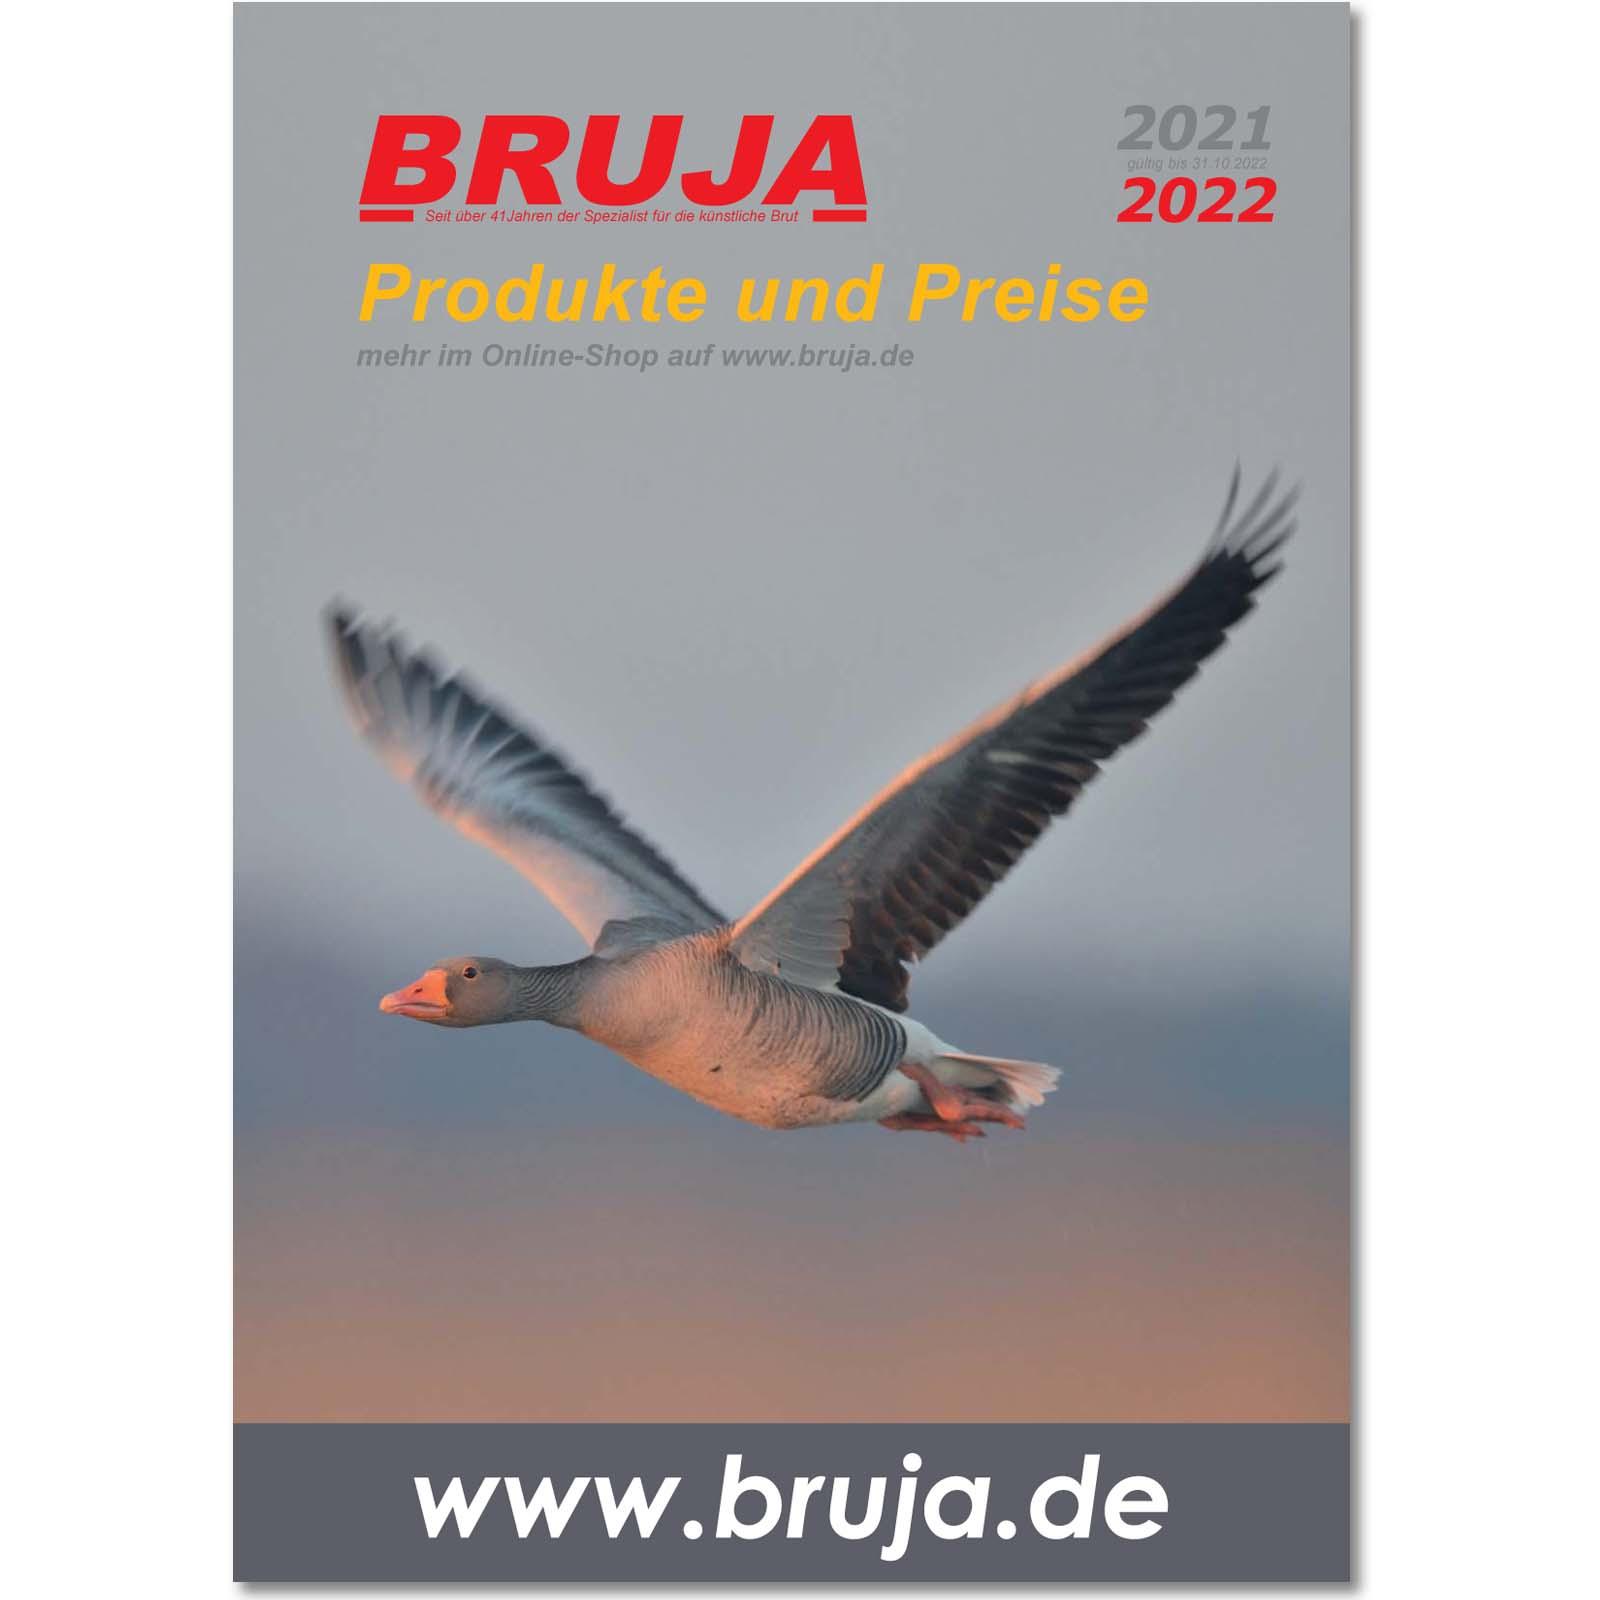 BRUJA-Katalog_2021-2022